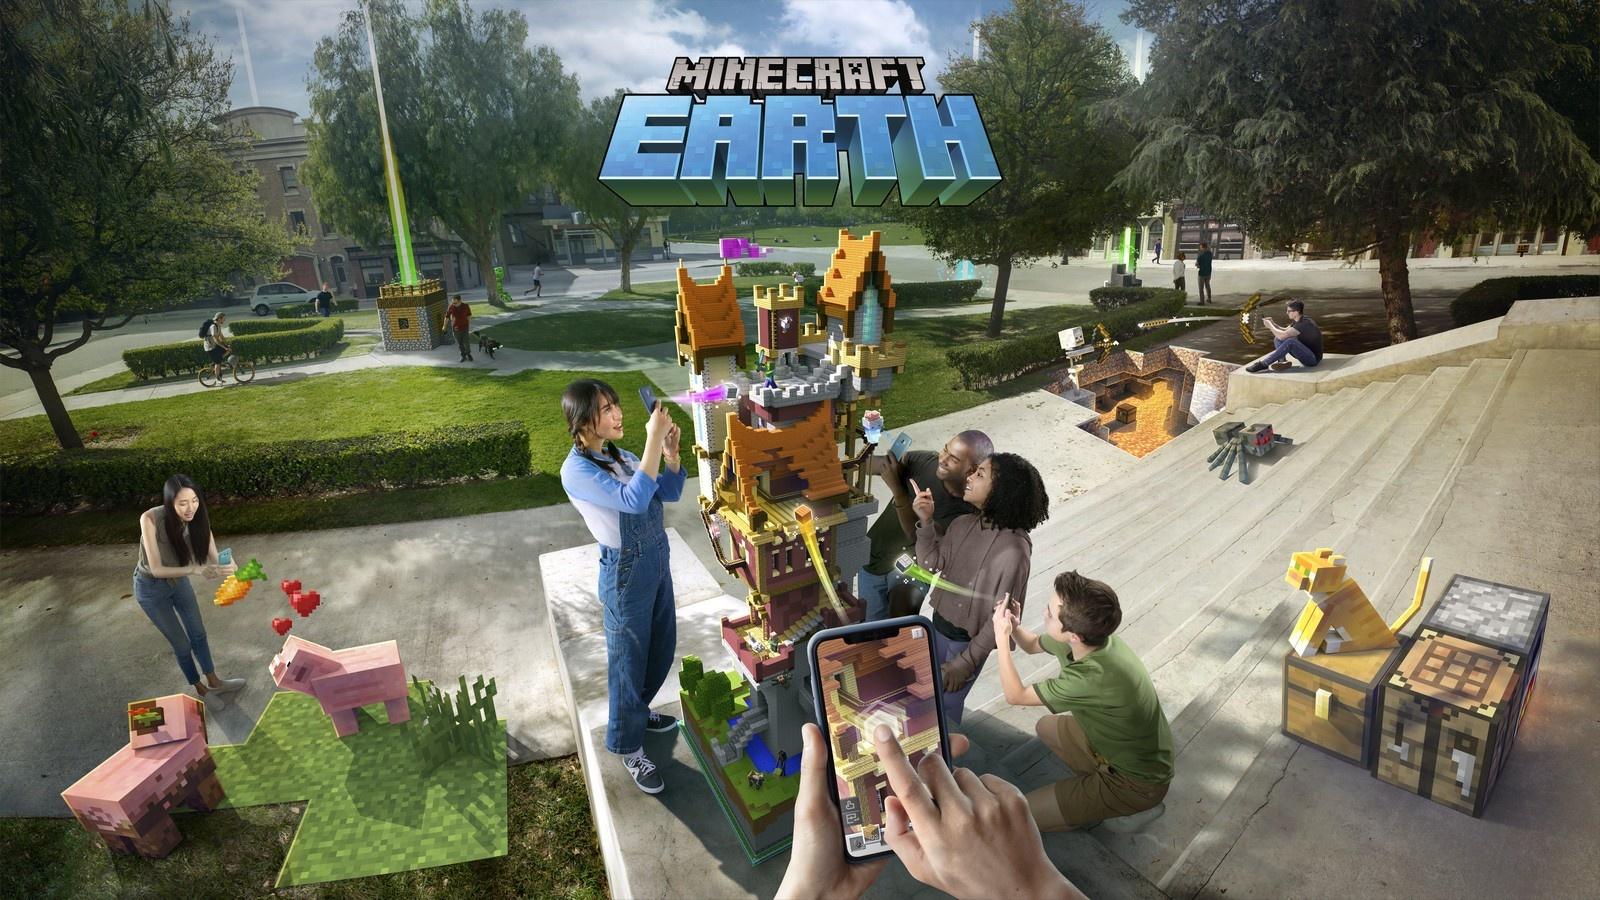 微软将于2021年6月下线AR游戏《我的世界:地球》